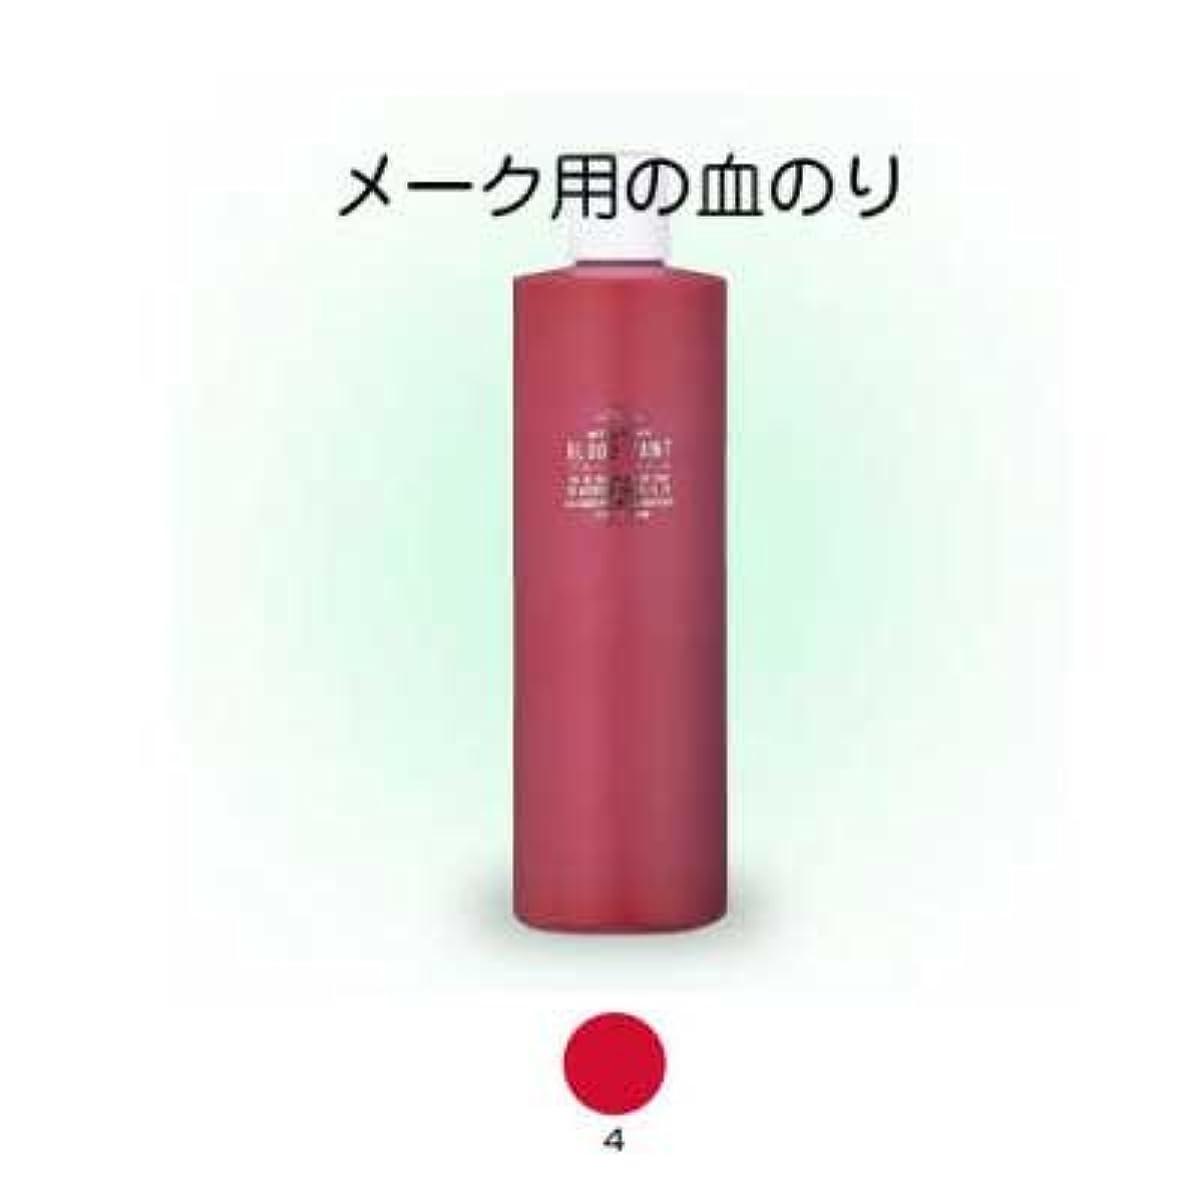 変数交流する講堂ブロードペイント(メークアップ用の血のり)500ml 4【三善】